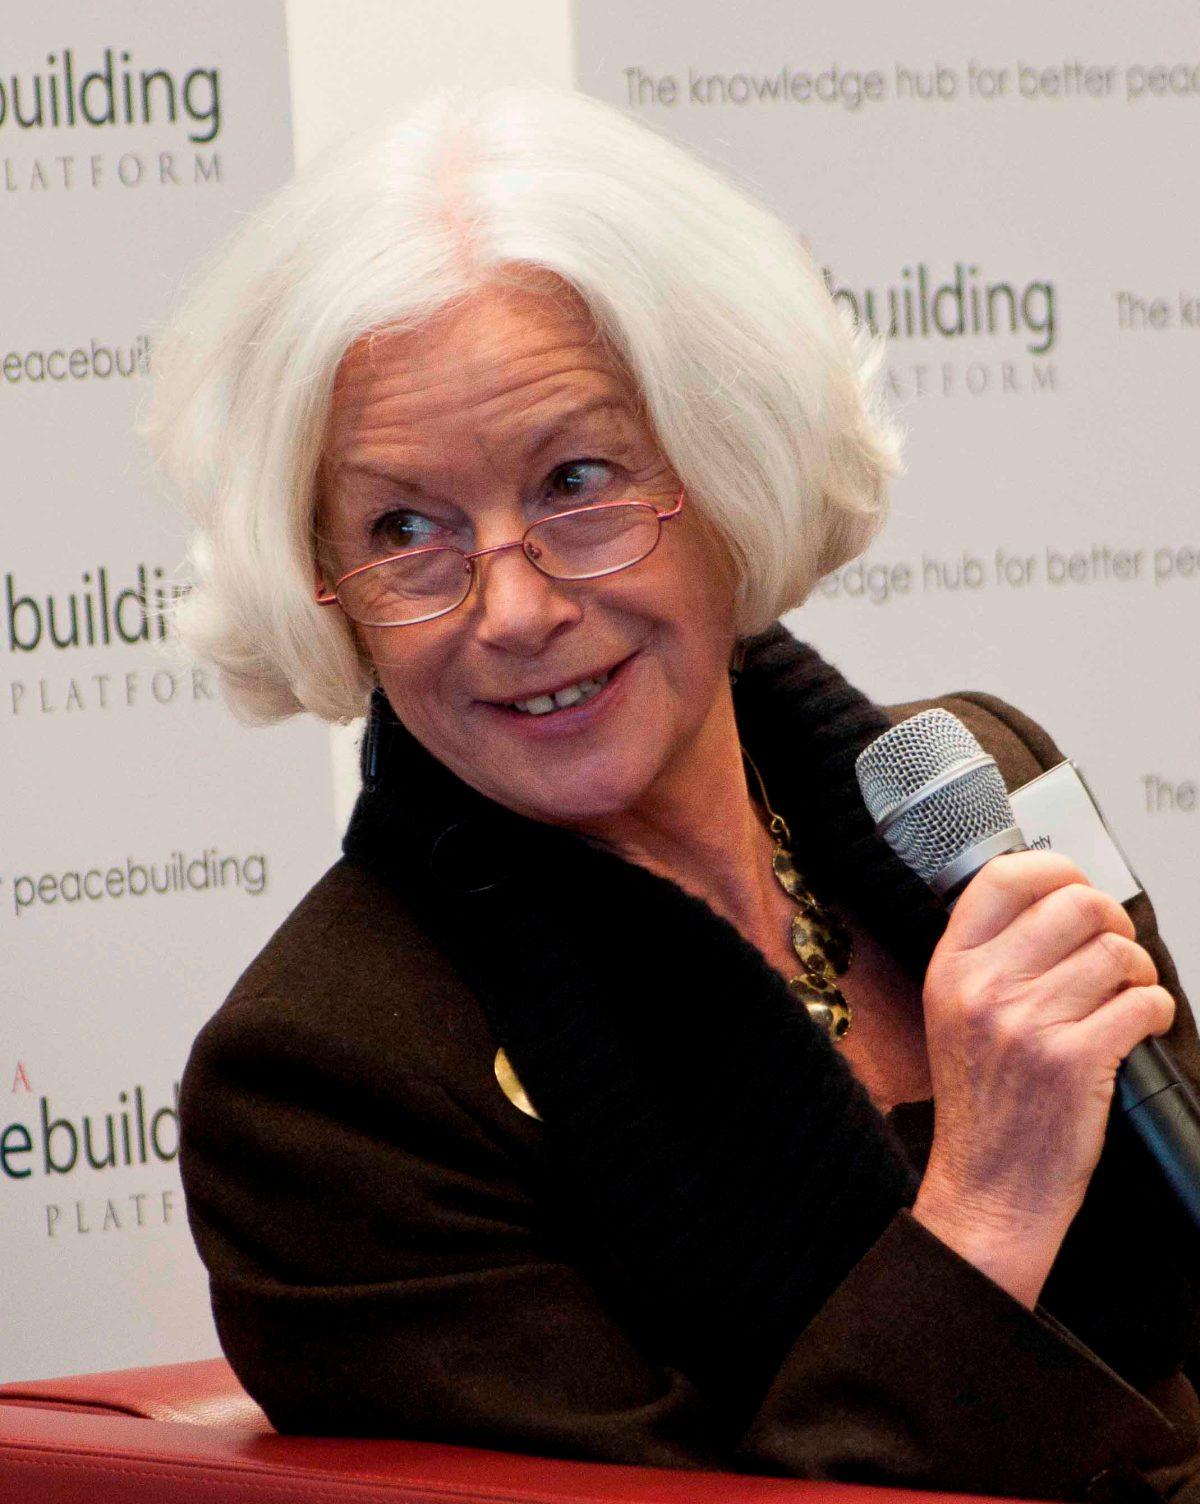 ノーベル平和賞に3度ノミネートされたシーラ・エラワージー「逆説的に聞こえるかも知れないけど、人が『マスク』を抜いでもろさを出せる時にこそ成果がうまれる」